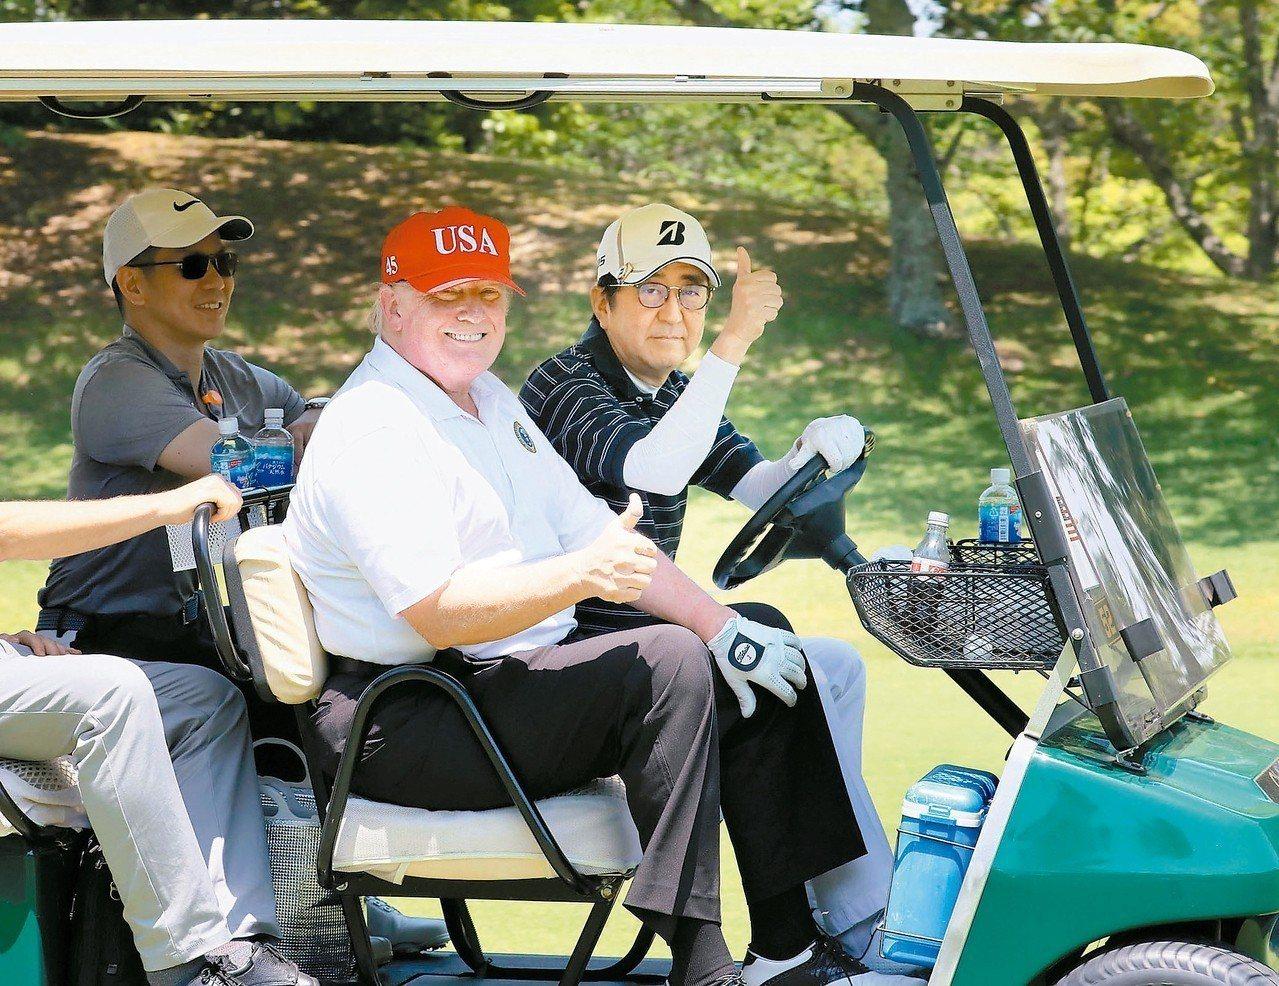 日本首相安倍晉三(右)廿六日在千葉縣茂原市高球場親自駕高爾夫球車載美國總統川普(...